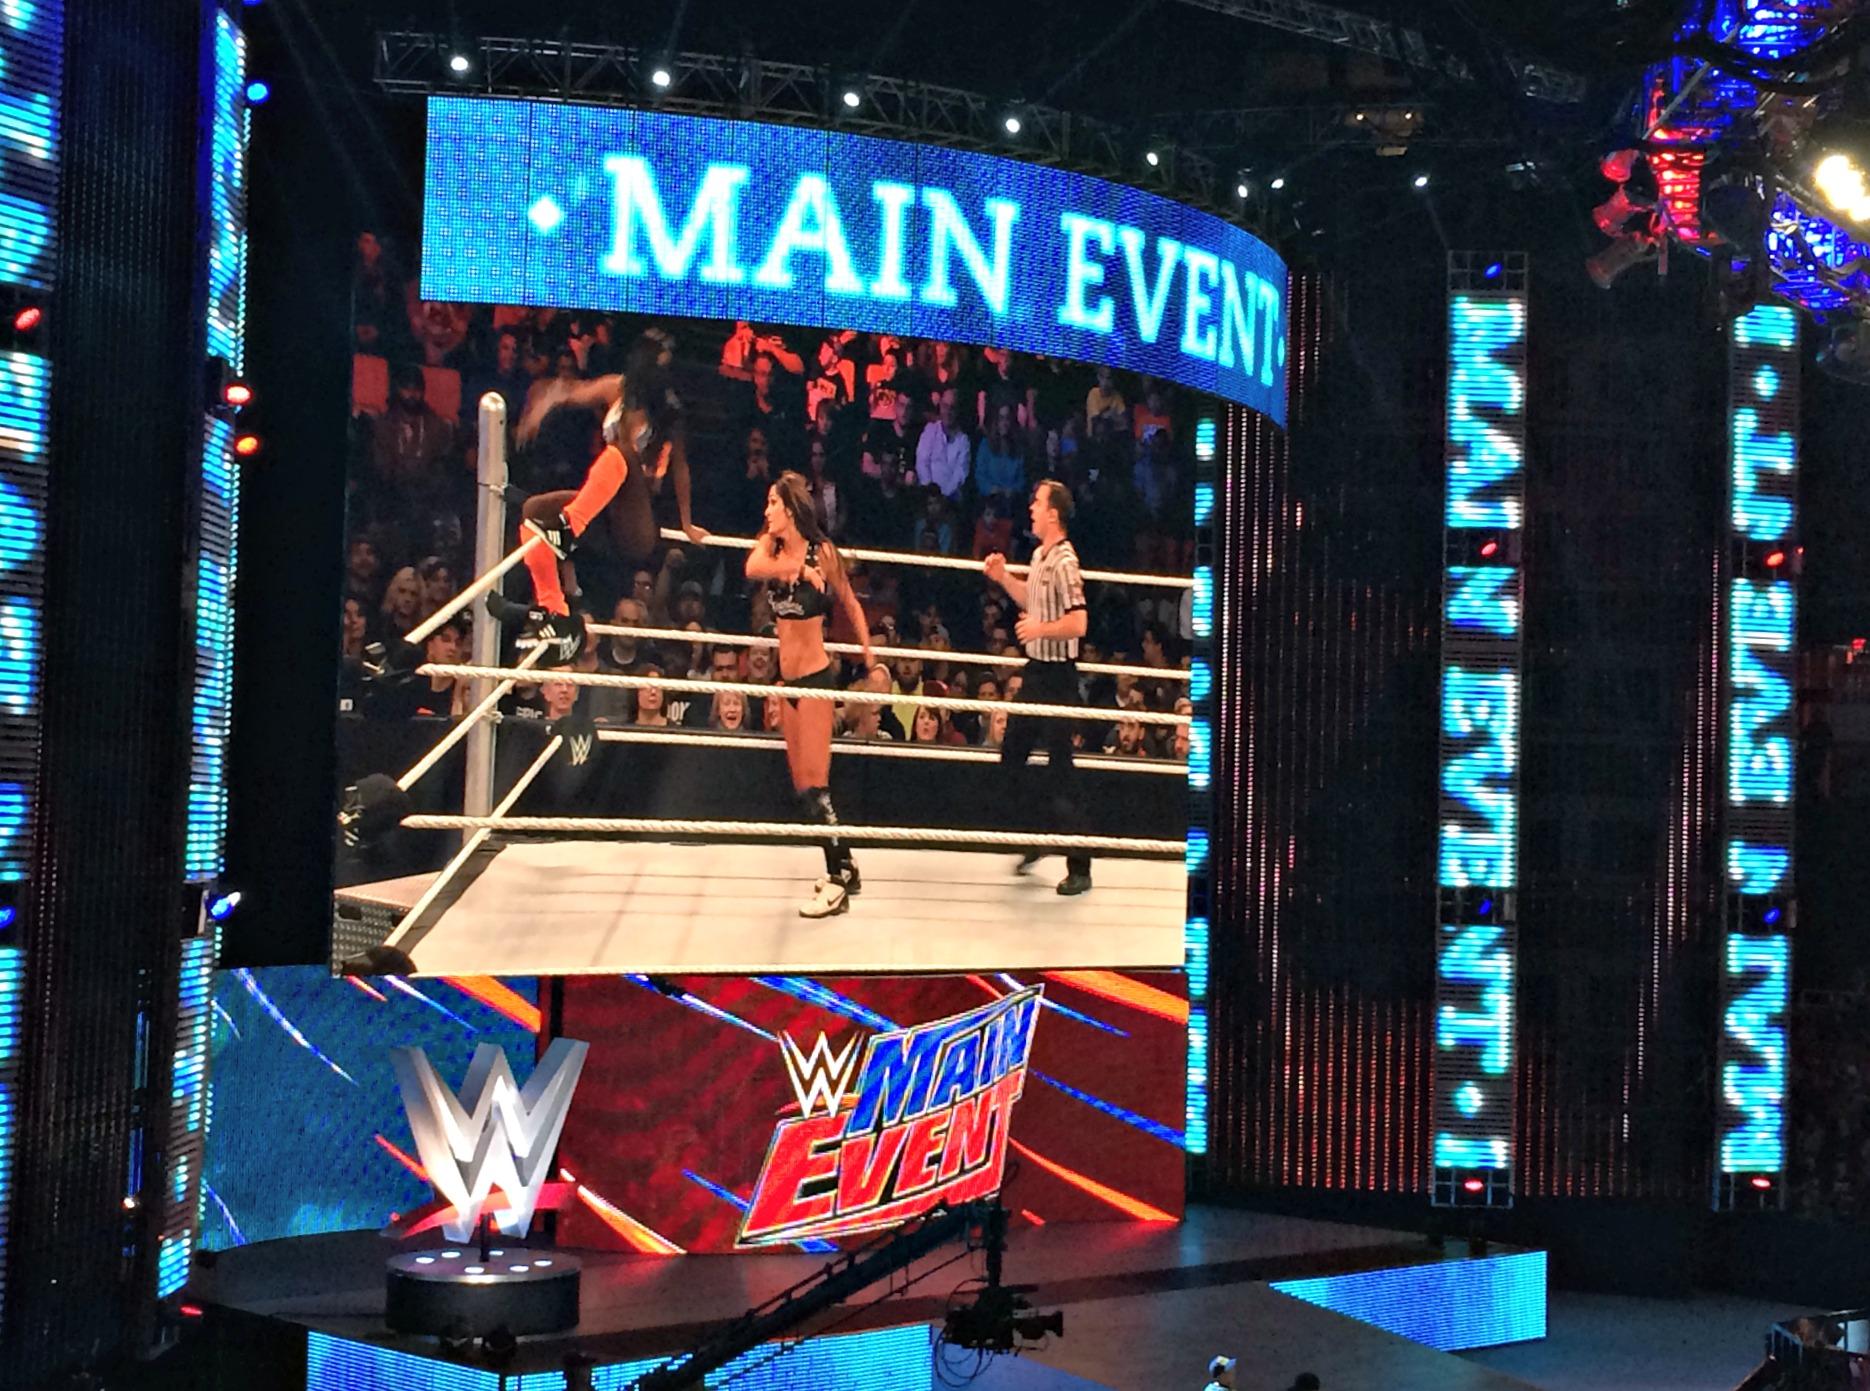 WWE Divas match